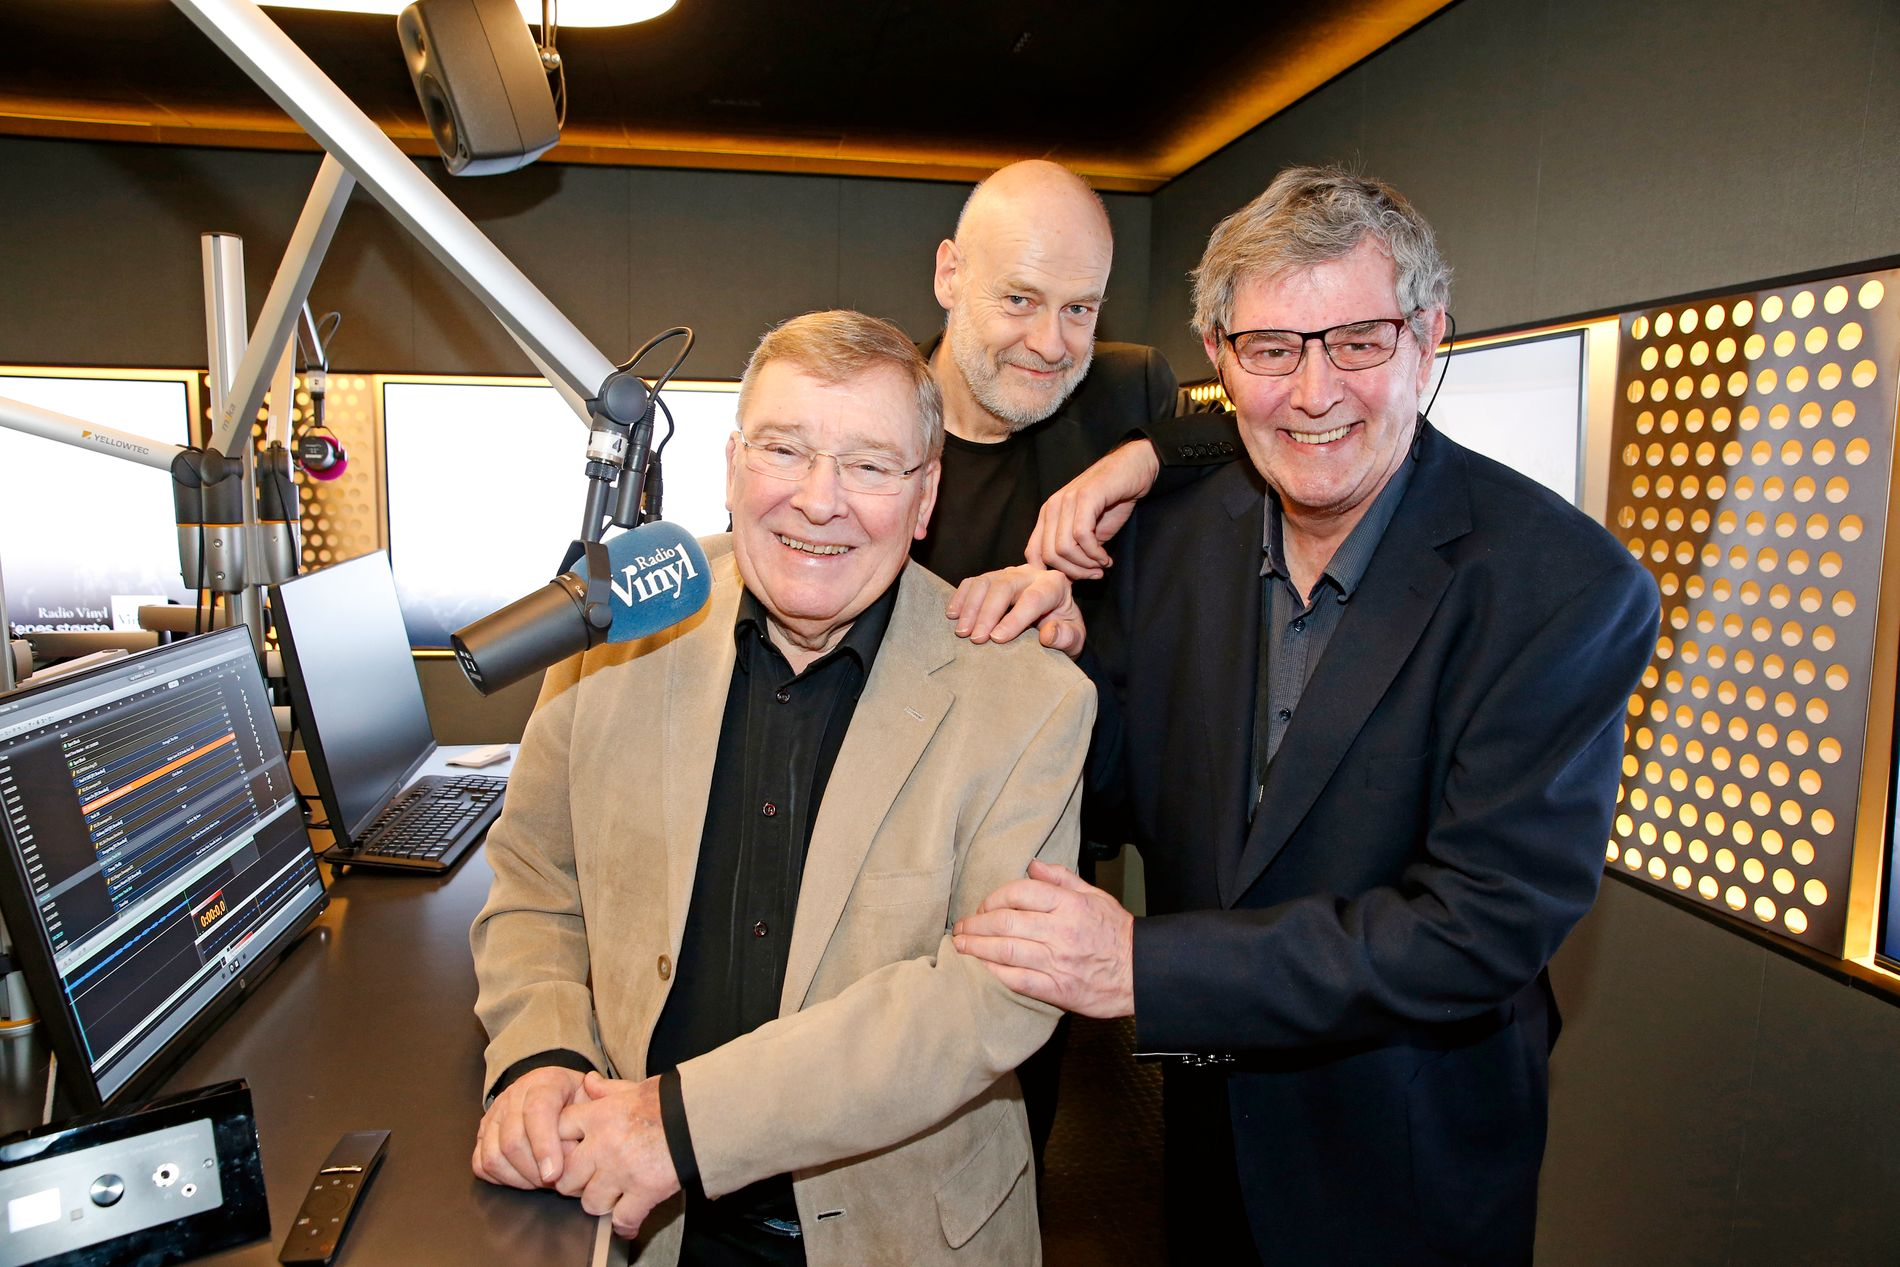 RINGREVER: (F.v.) Vidar Lønn-Arnesen, Jostein Pedersen og Leif-Erik Forberg i Radio Vinyl.